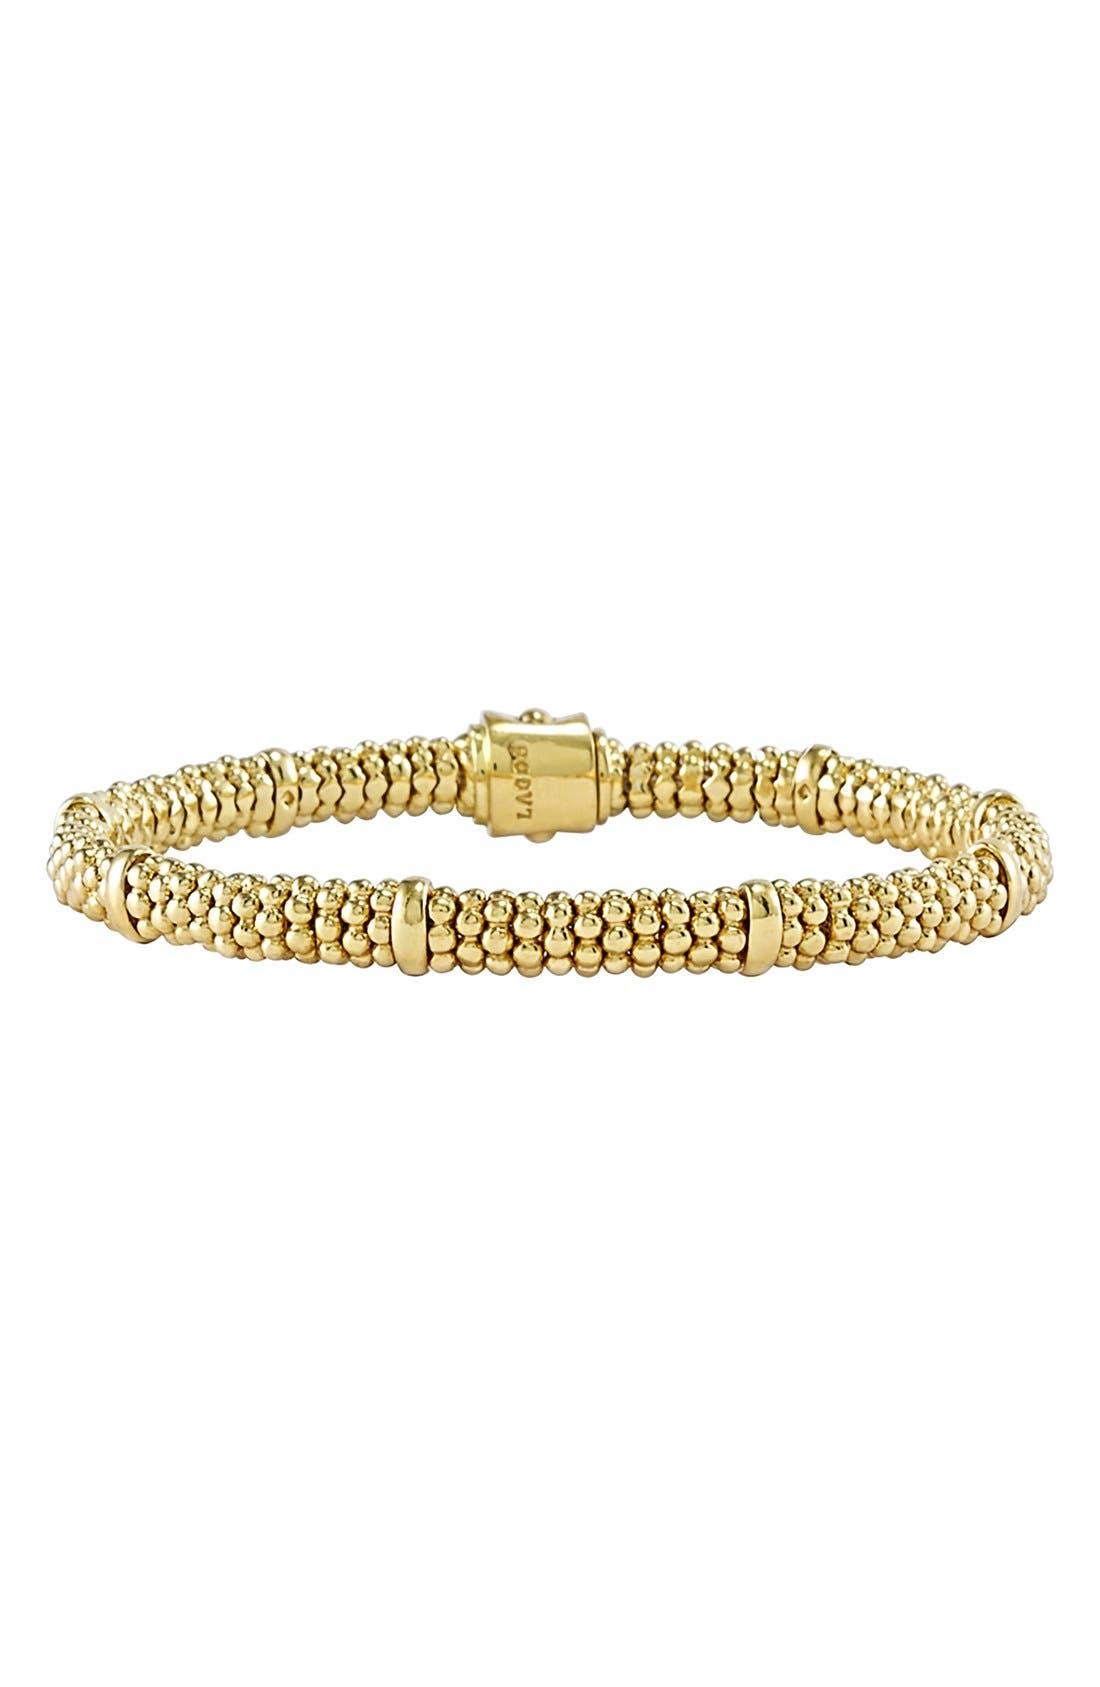 LAGOS Caviar Rope Bracelet